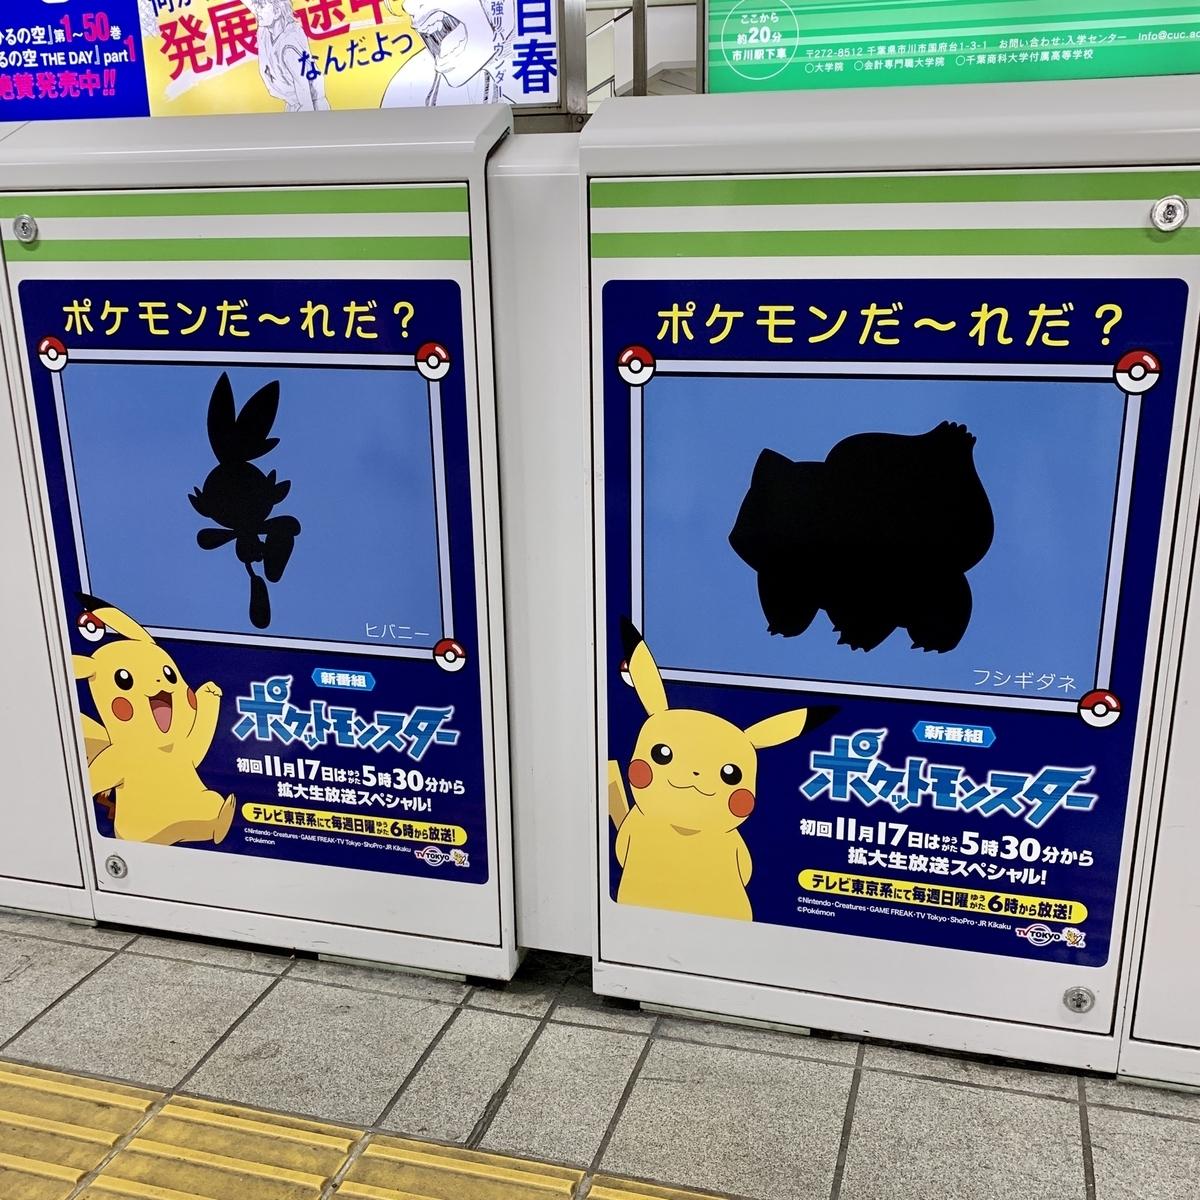 f:id:pikachu_pcn:20191109211553j:plain